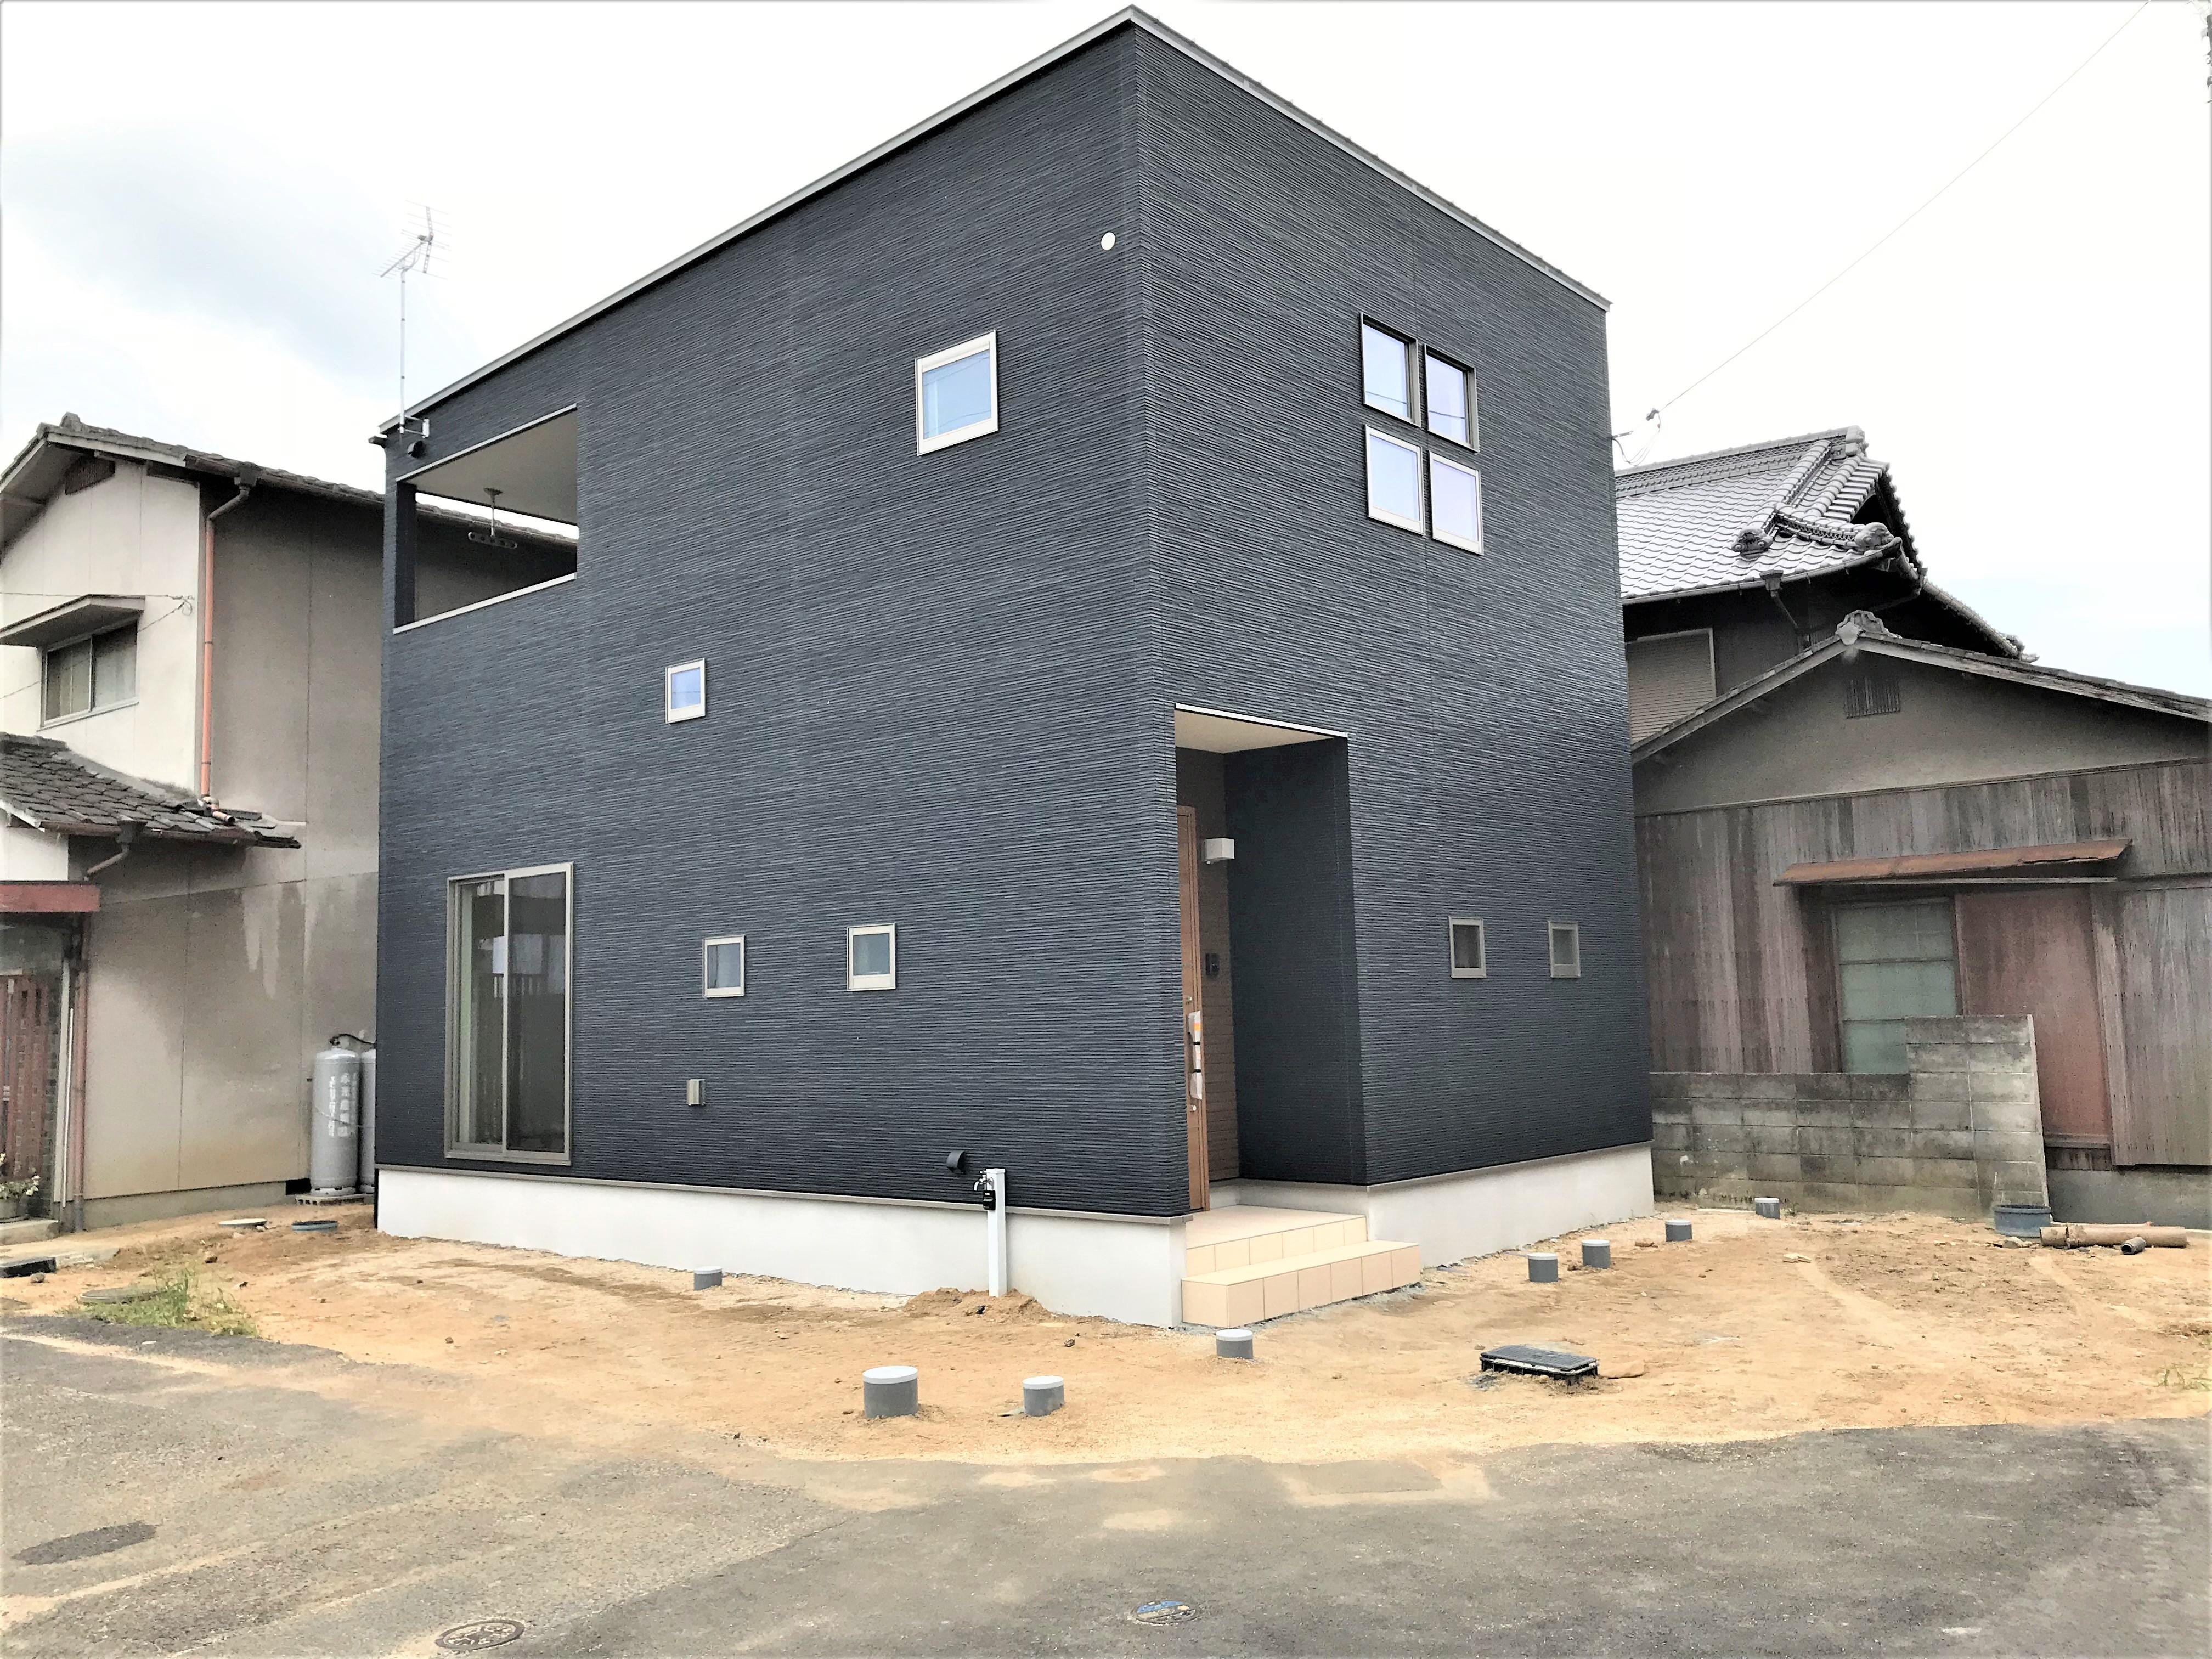 高松市木太町建売④ 人気エリア☆木太町に新築完成しました♪ご希望の時間で内覧可能です!